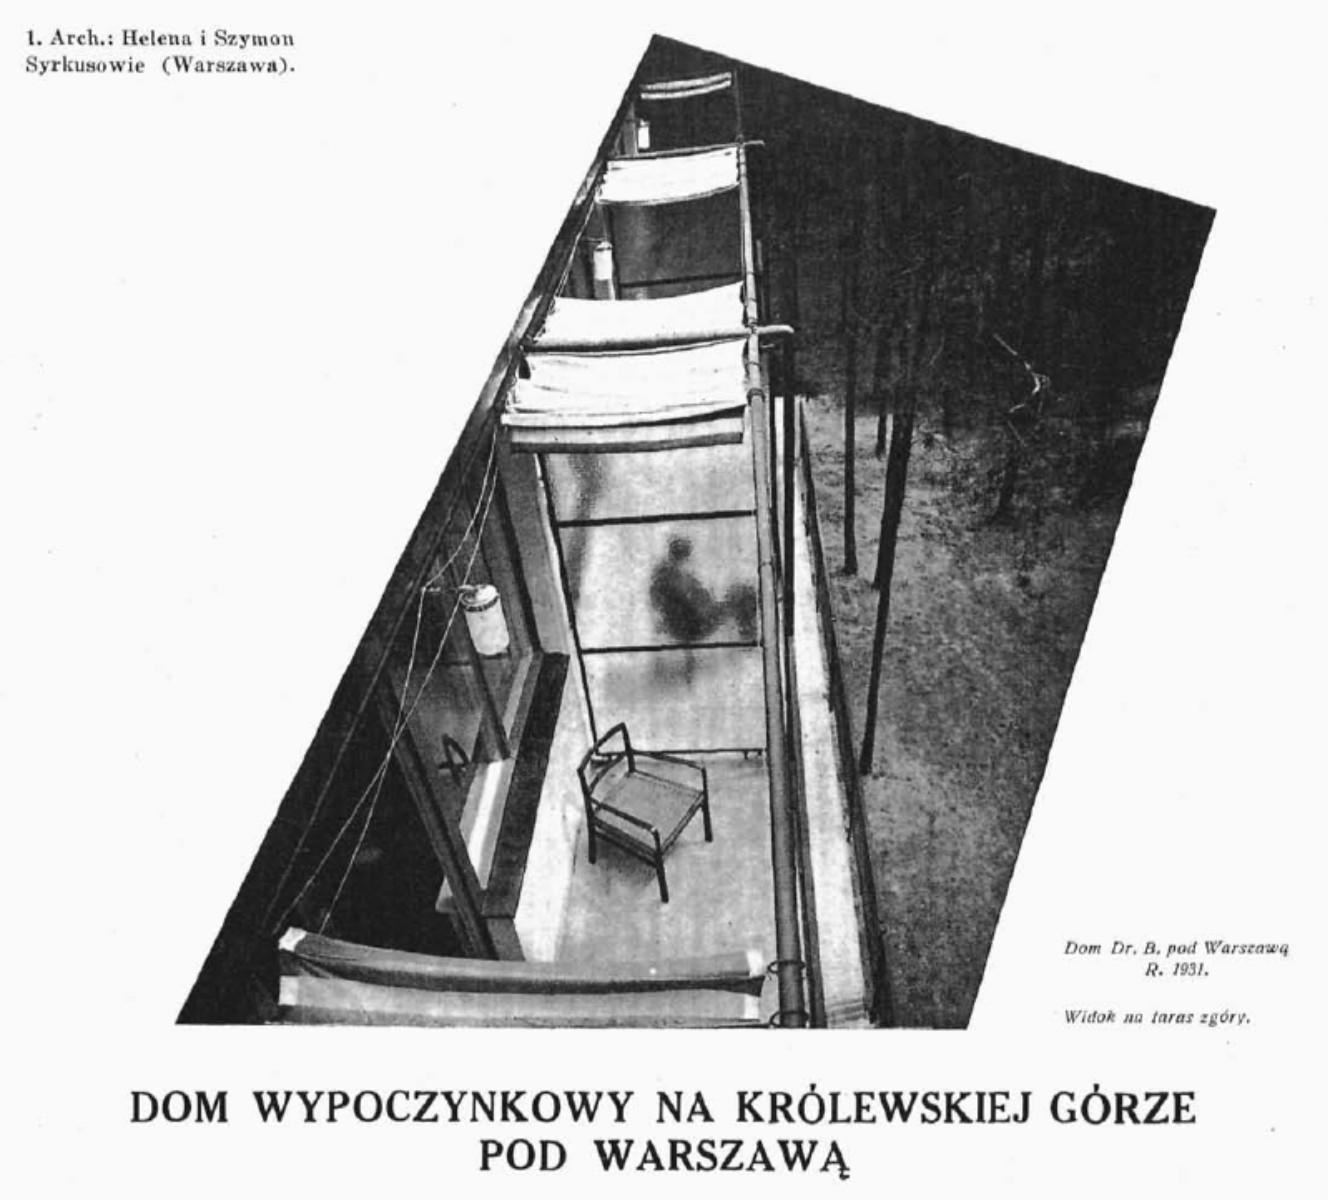 Dom wypoczynkowy dr Bernsteina (Architektura i Budownictwo nr 4 1934 r)